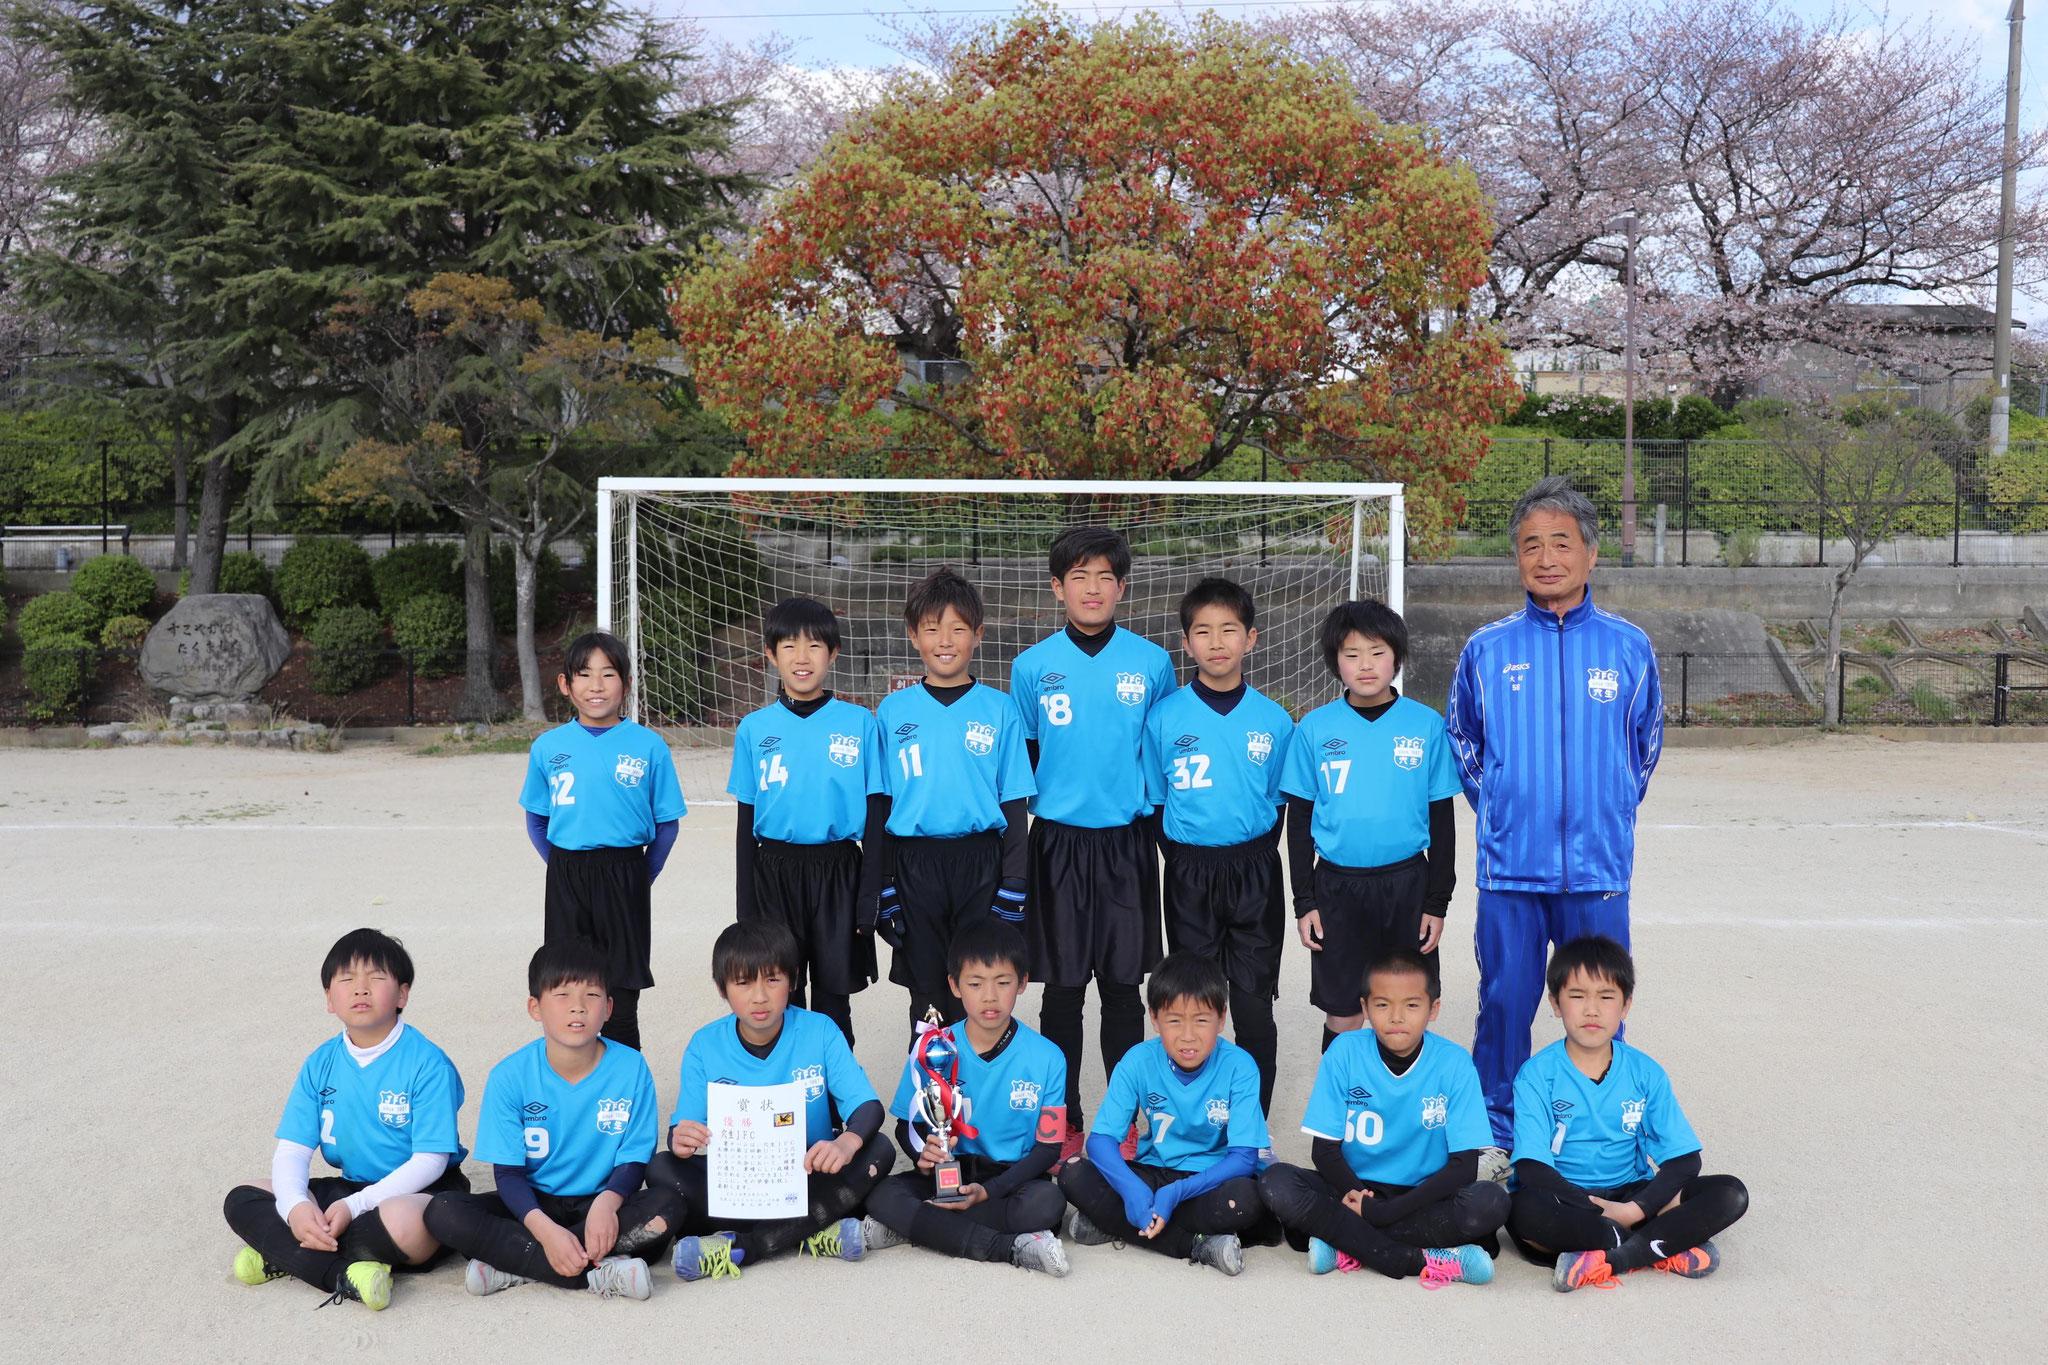 2019/3/31 U-12ミニエイトマンカップ 優勝!!!